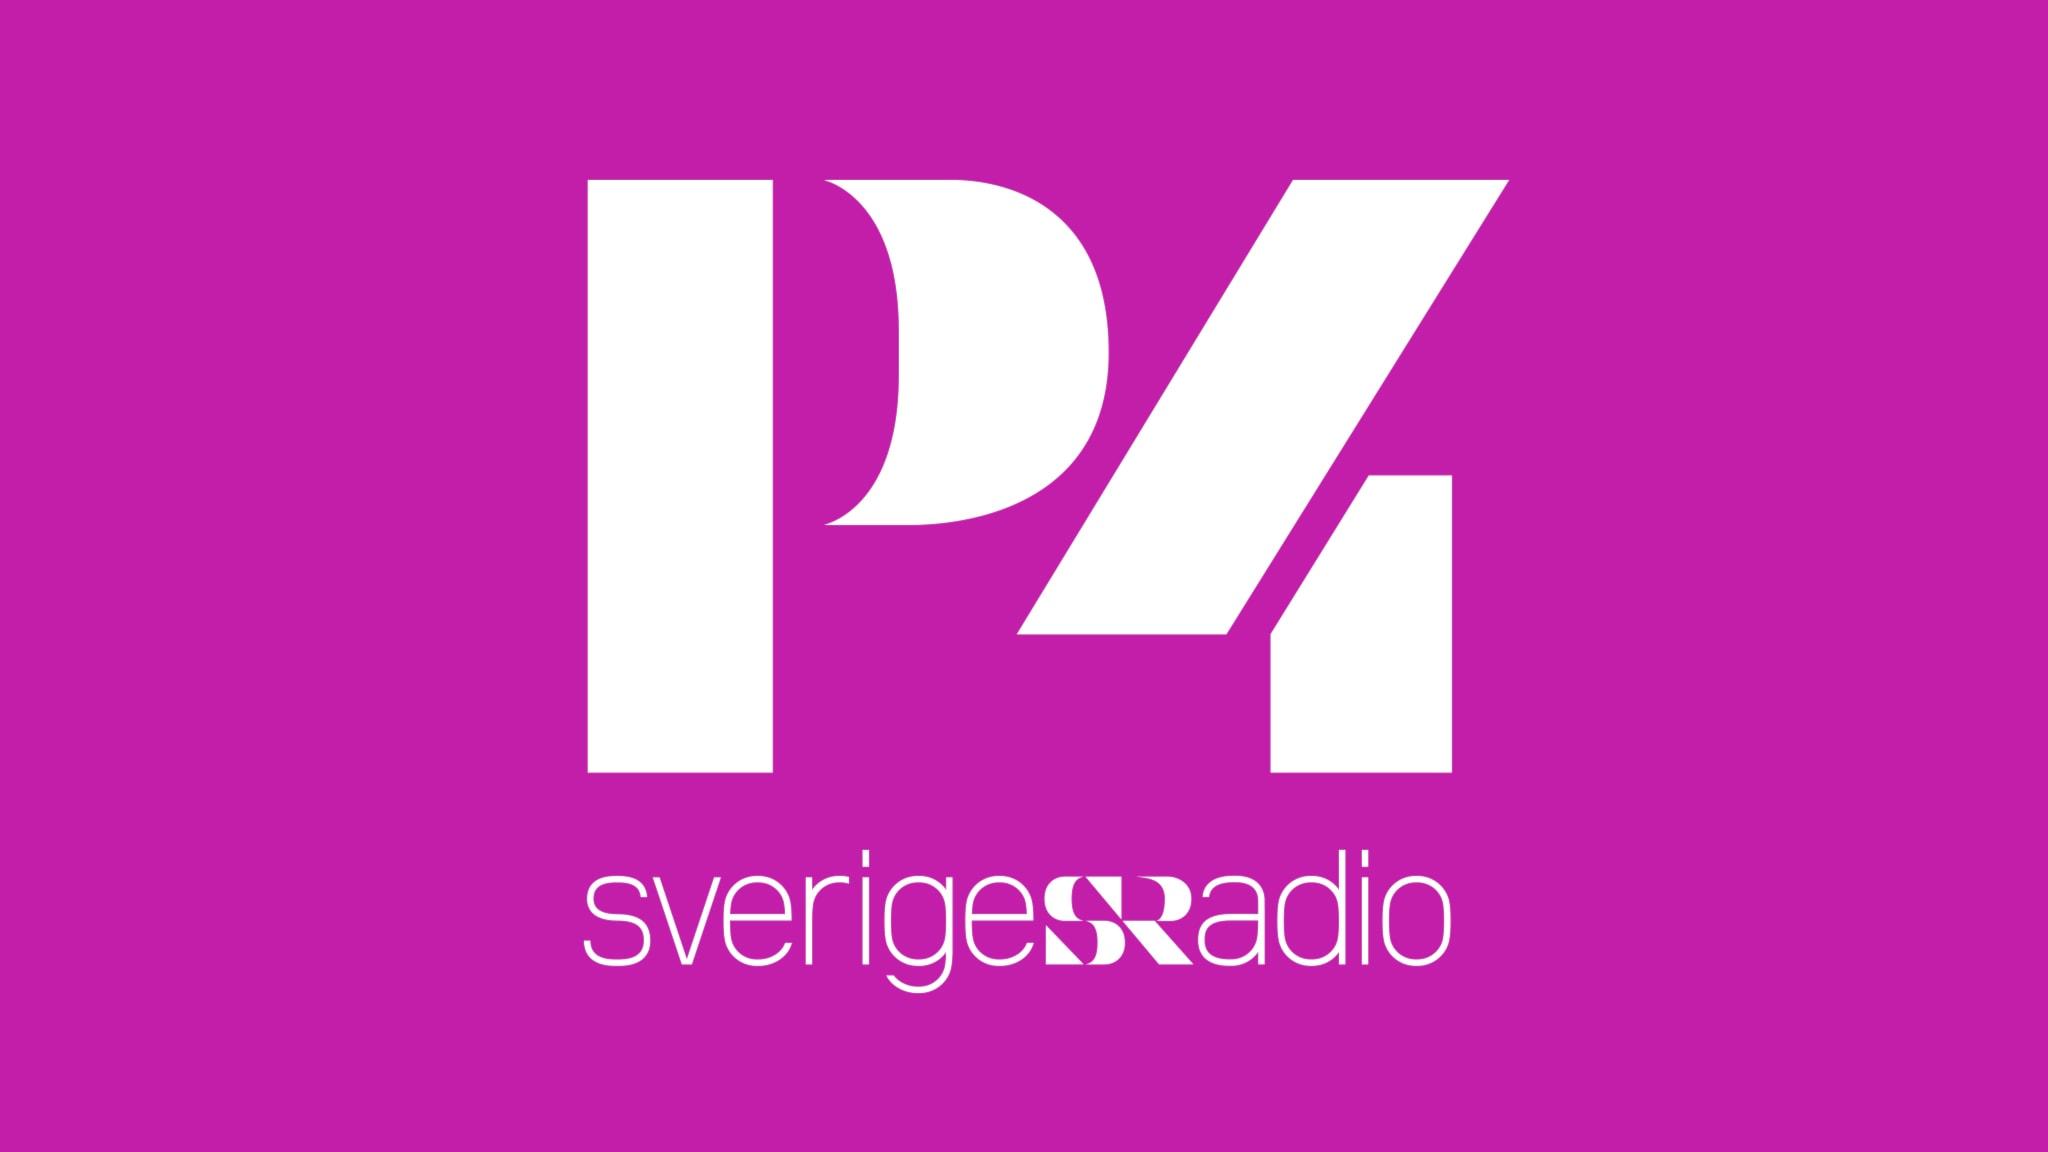 Trafik P4 Göteborg 20180706 10.13 (00.42)